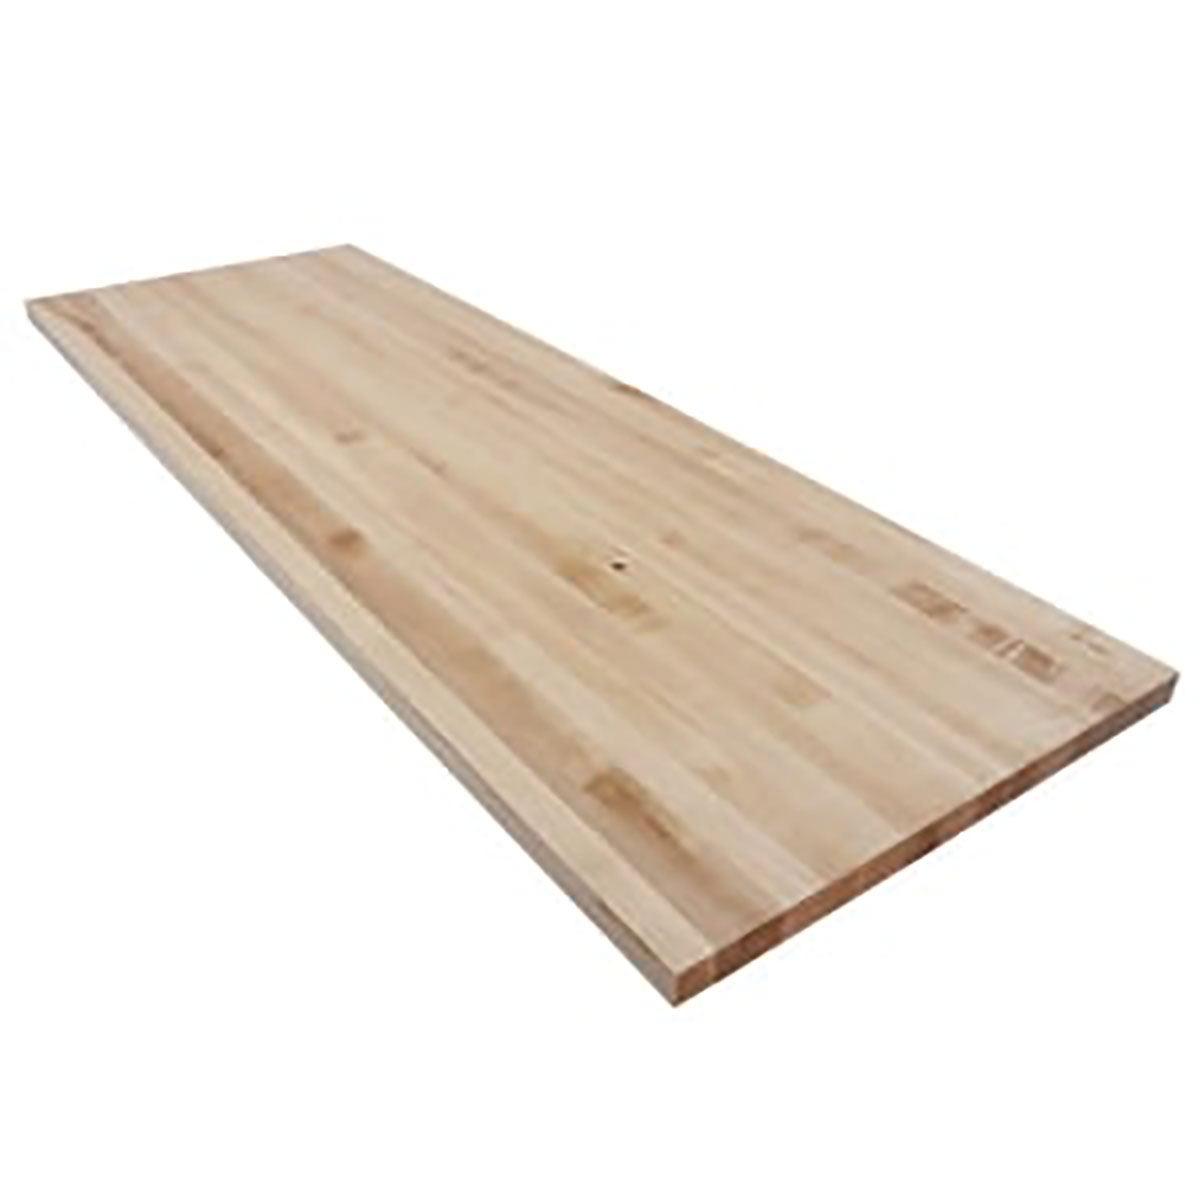 resized-finished-maple-swaner-hardwood-butcher-block-countertops-olaca07225-64_1000